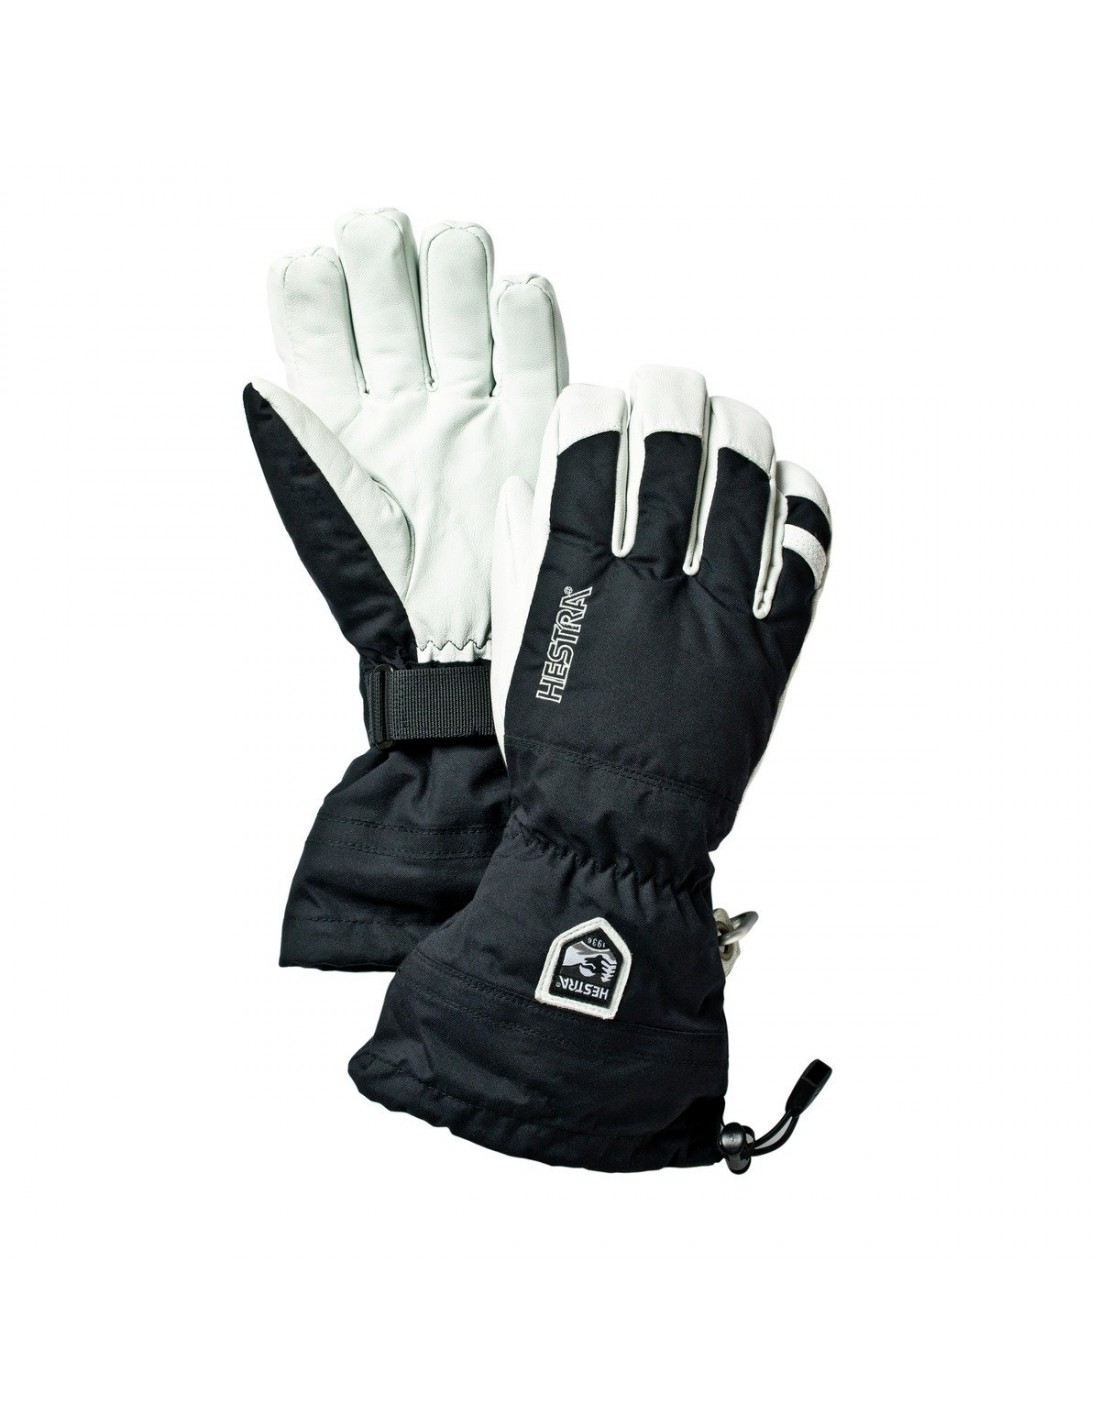 Fingerhansker Hestra Army Leather Heli Ski 5 Fingers 30570 999 kr